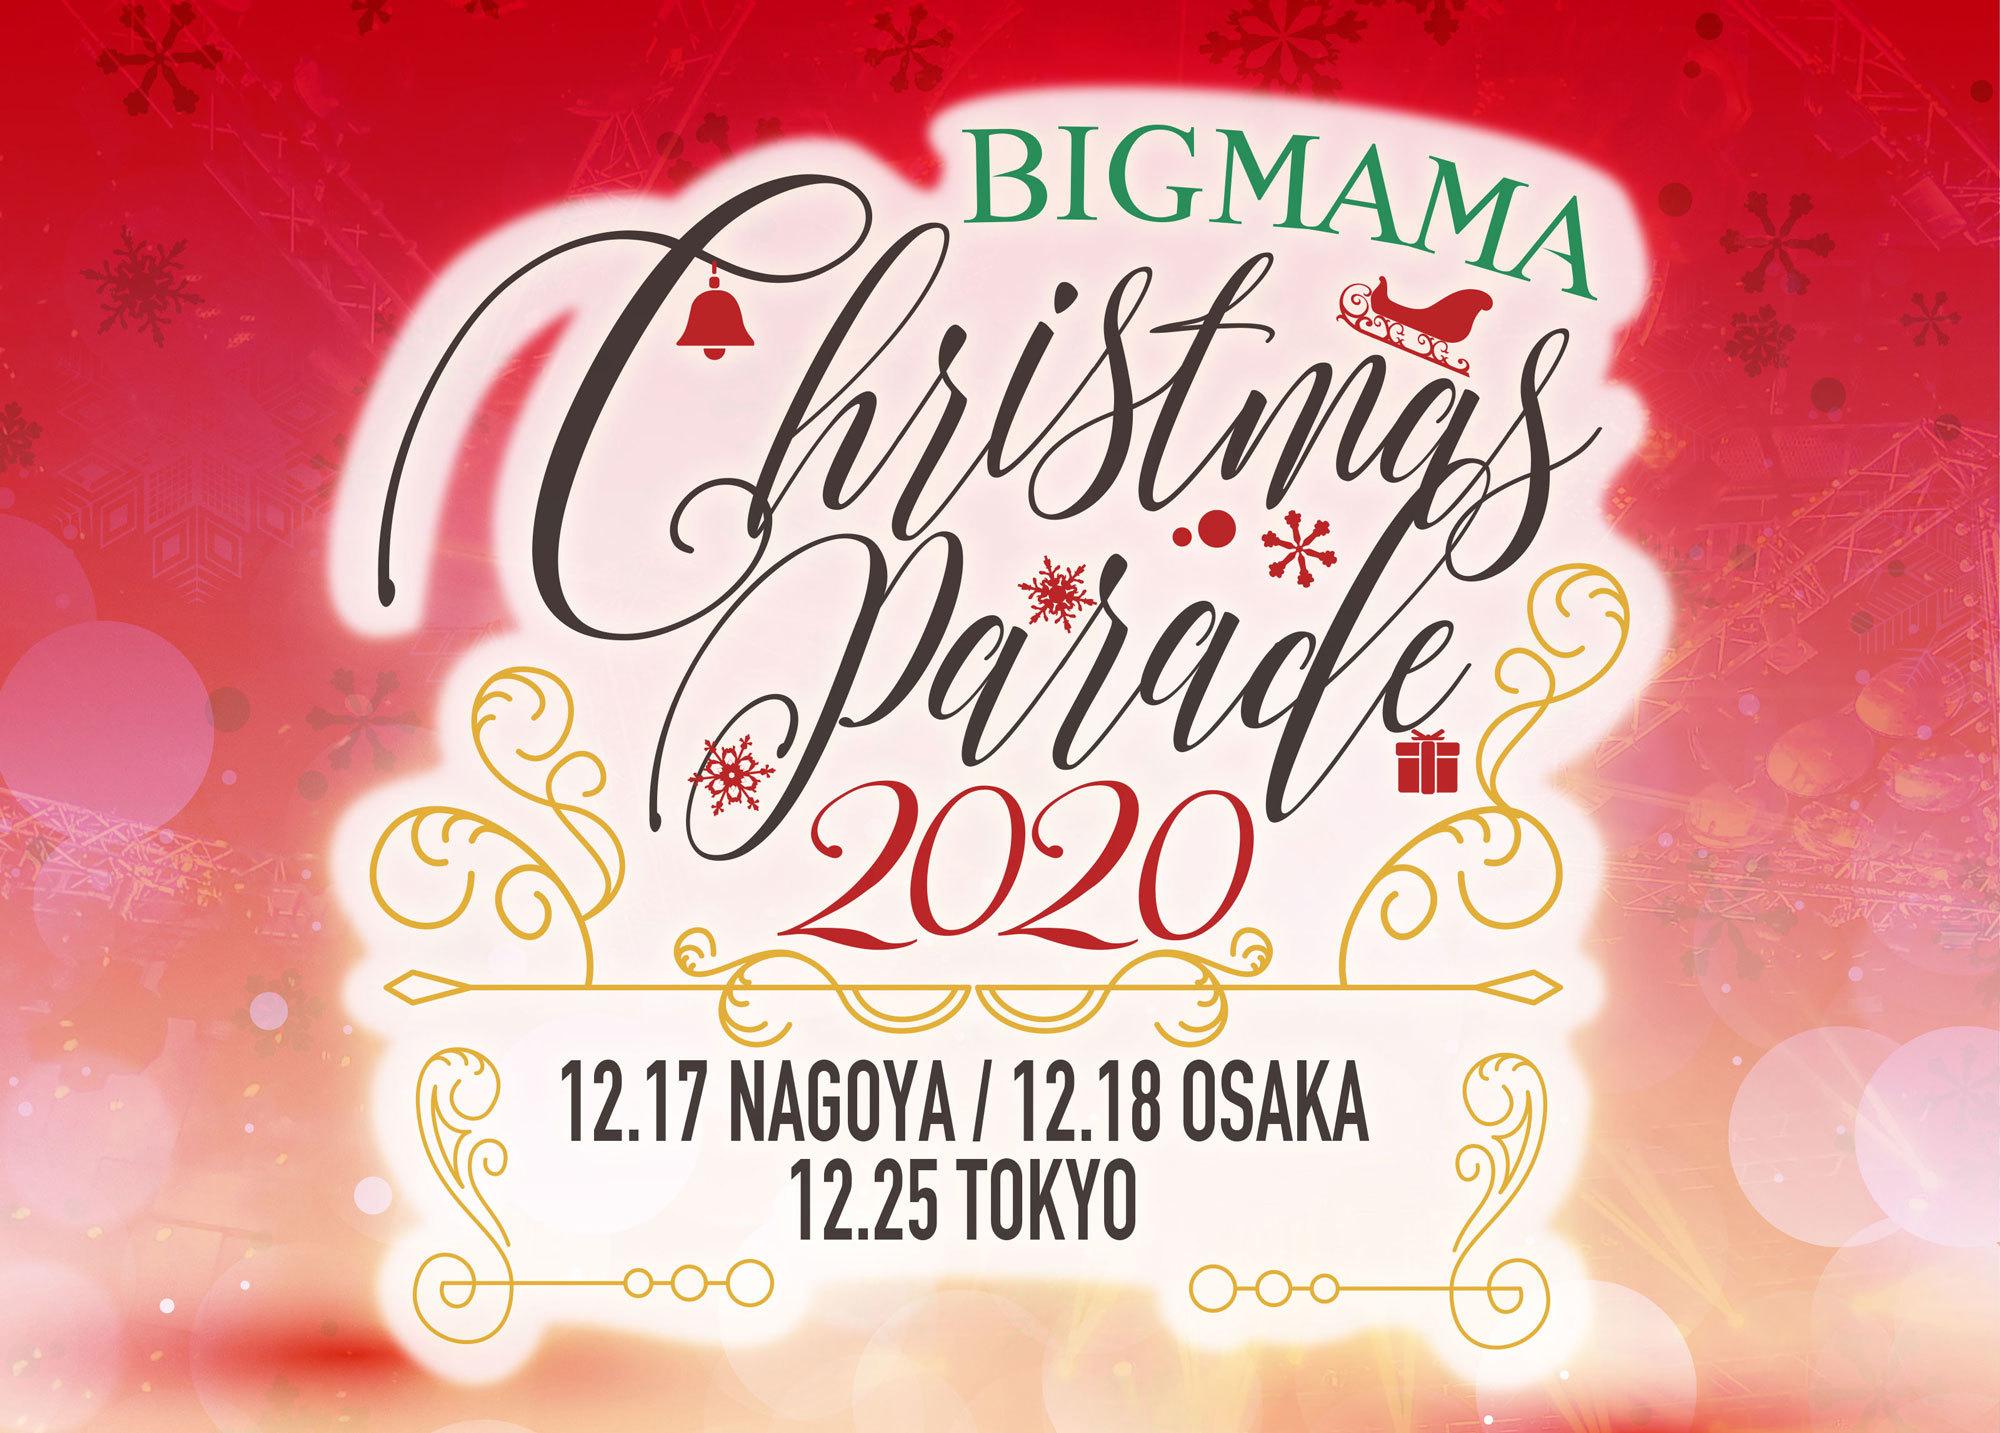 『BIGMAMA Christmas Parade 2020』